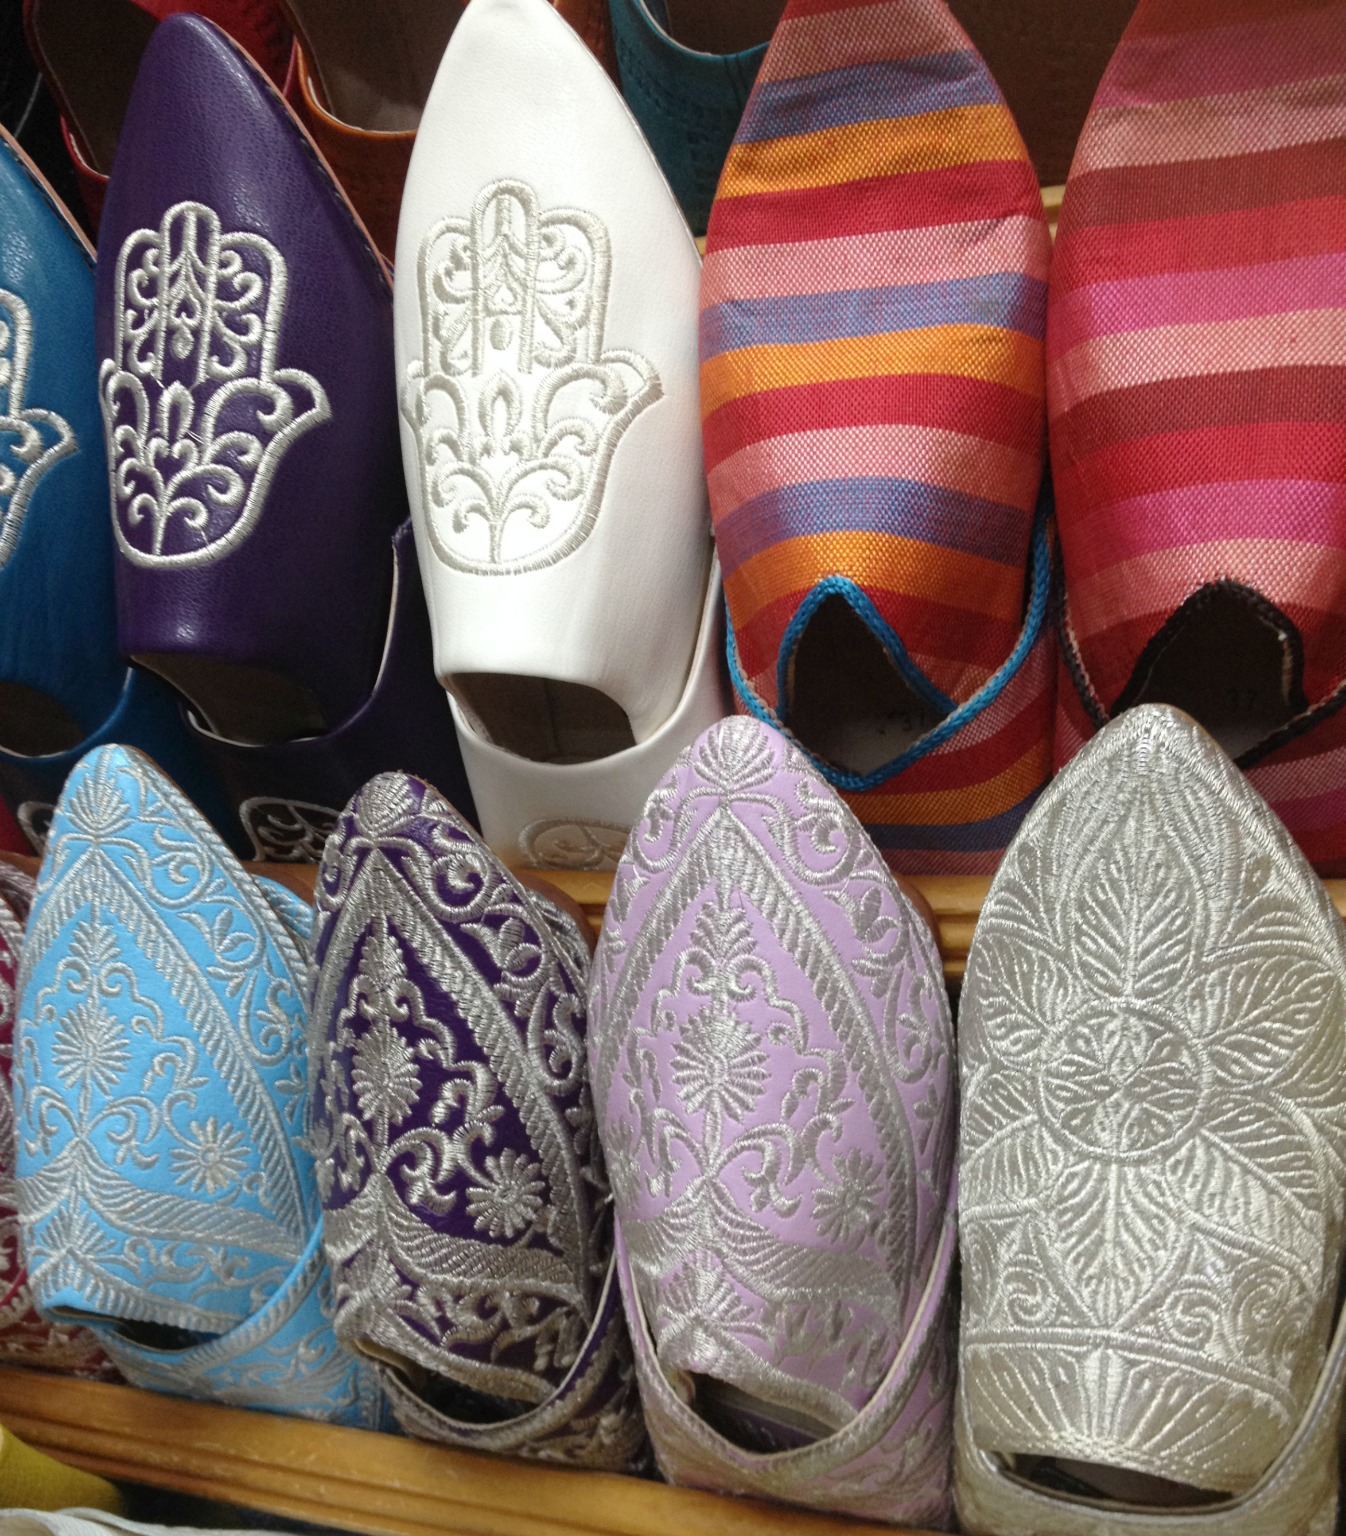 352ea757a37d Marrakech Guide to Souvenir Shopping the Souks